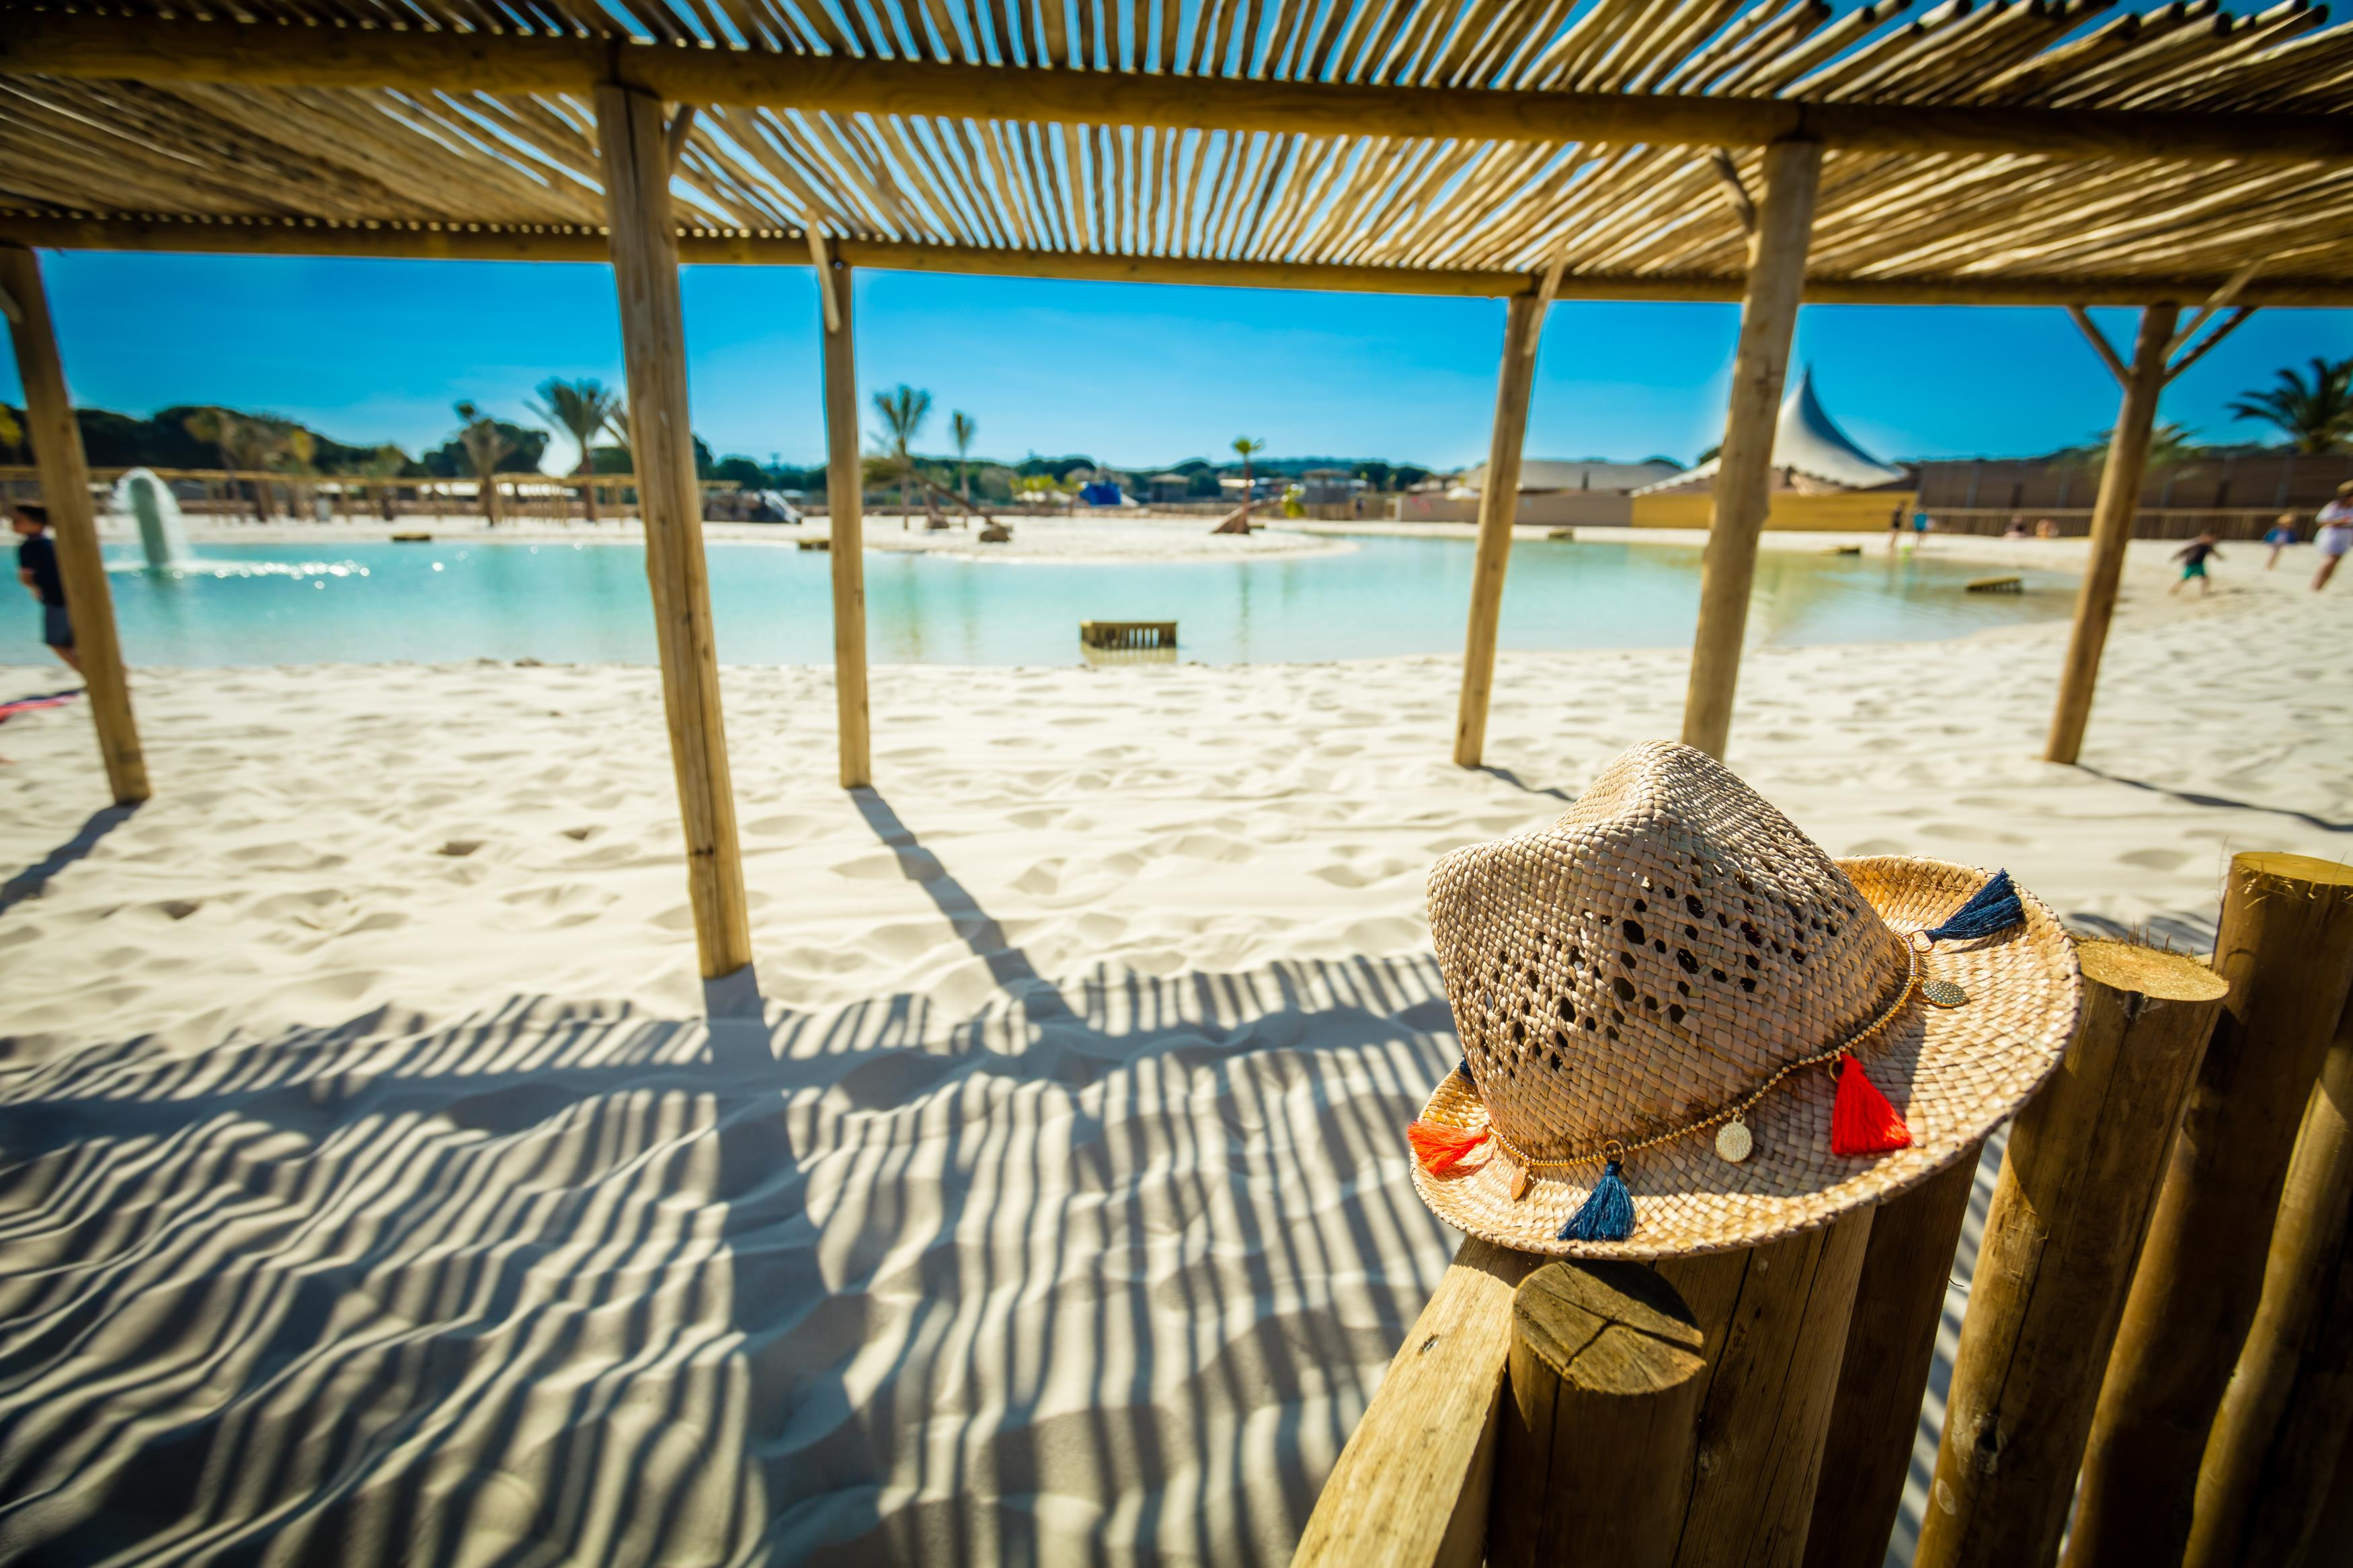 Tomar el sol en la playa de la piscina con sombrilla